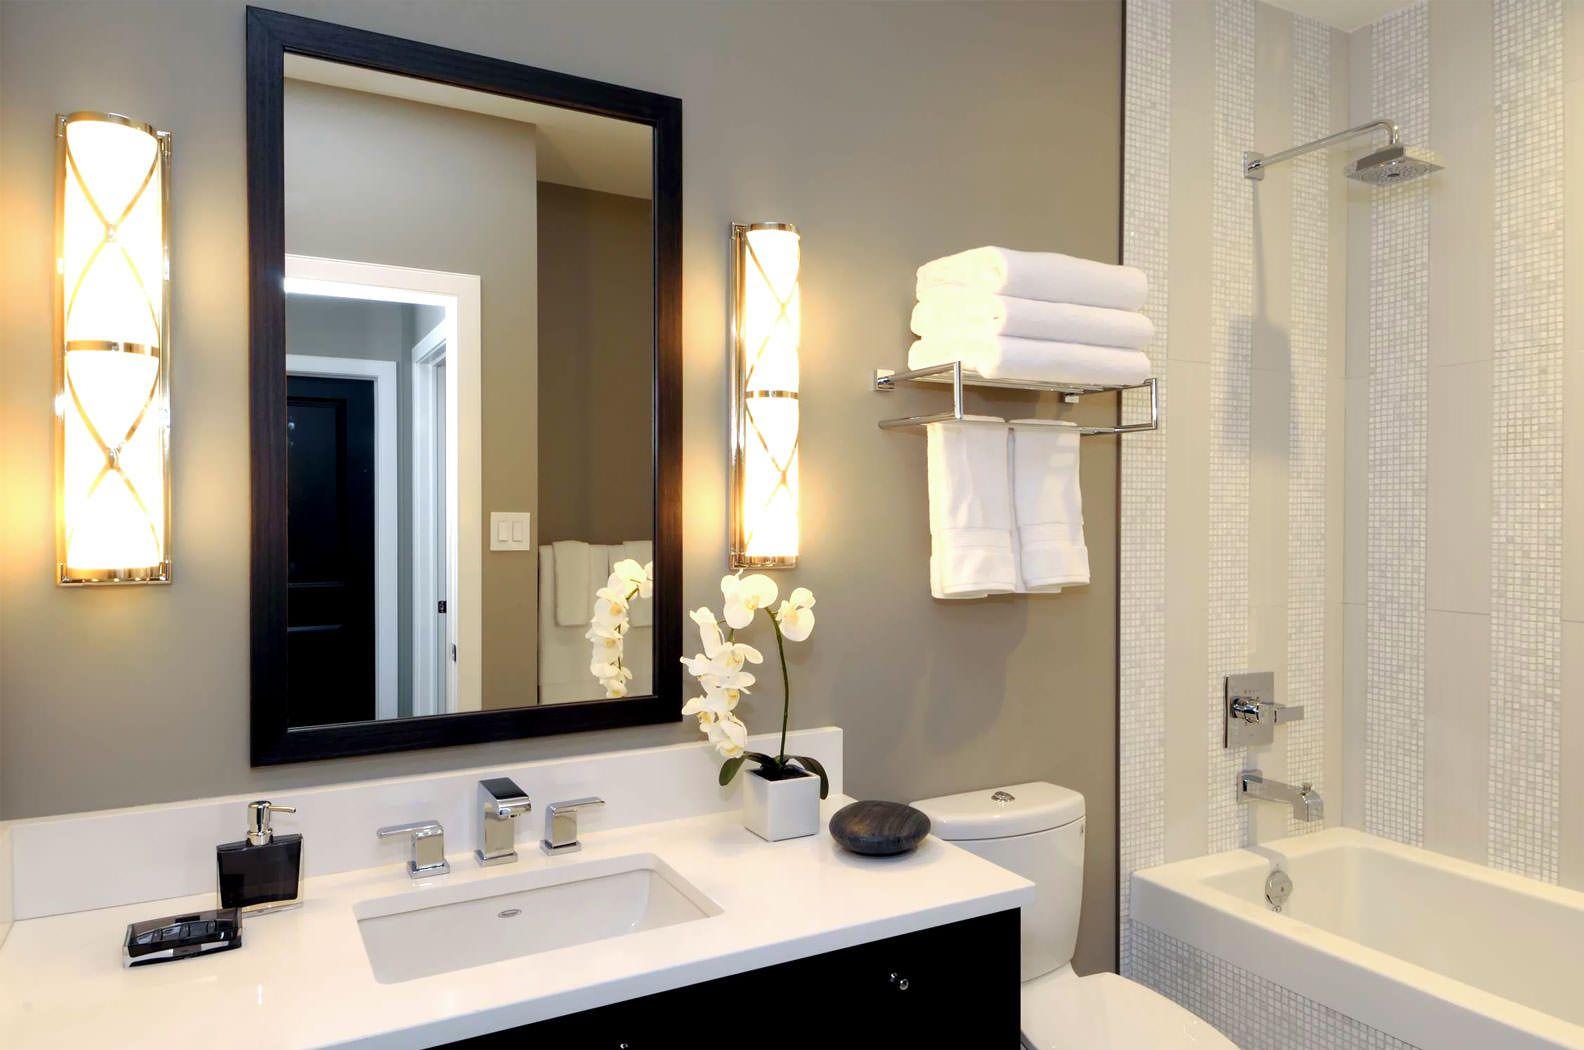 Design Bagno Classico : Mosaico bagno u2022 100 idee per rivestire con stile bagni moderni e